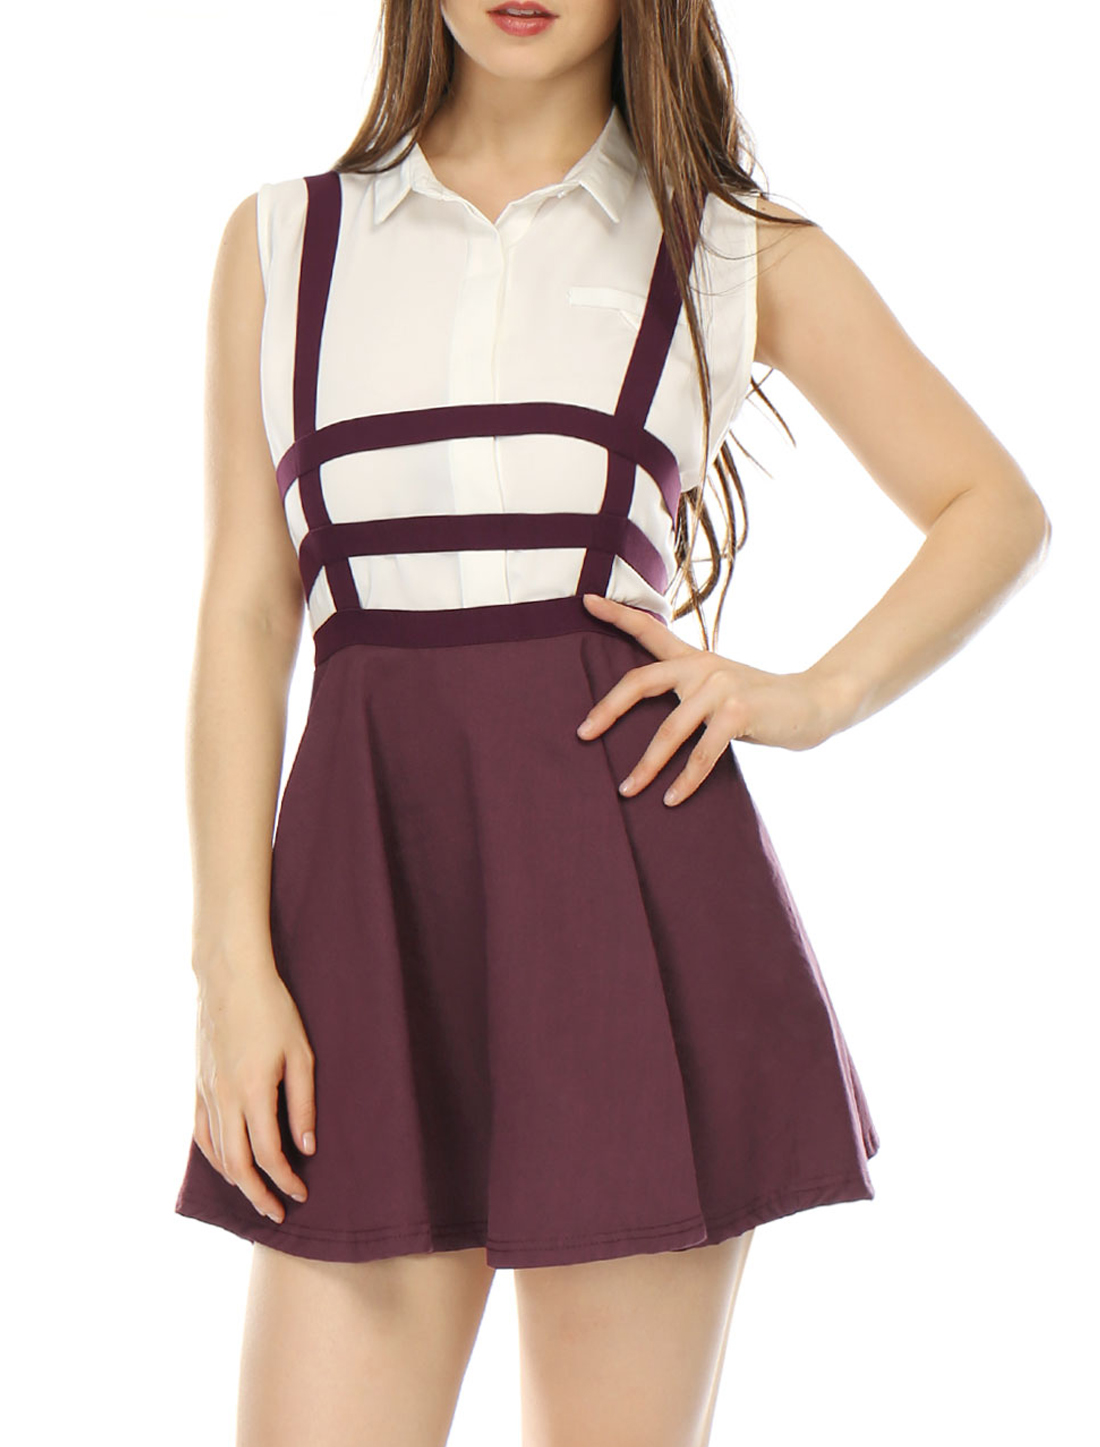 Women Elastic Waist Cut Out A Line Suspender Skirt Red XL